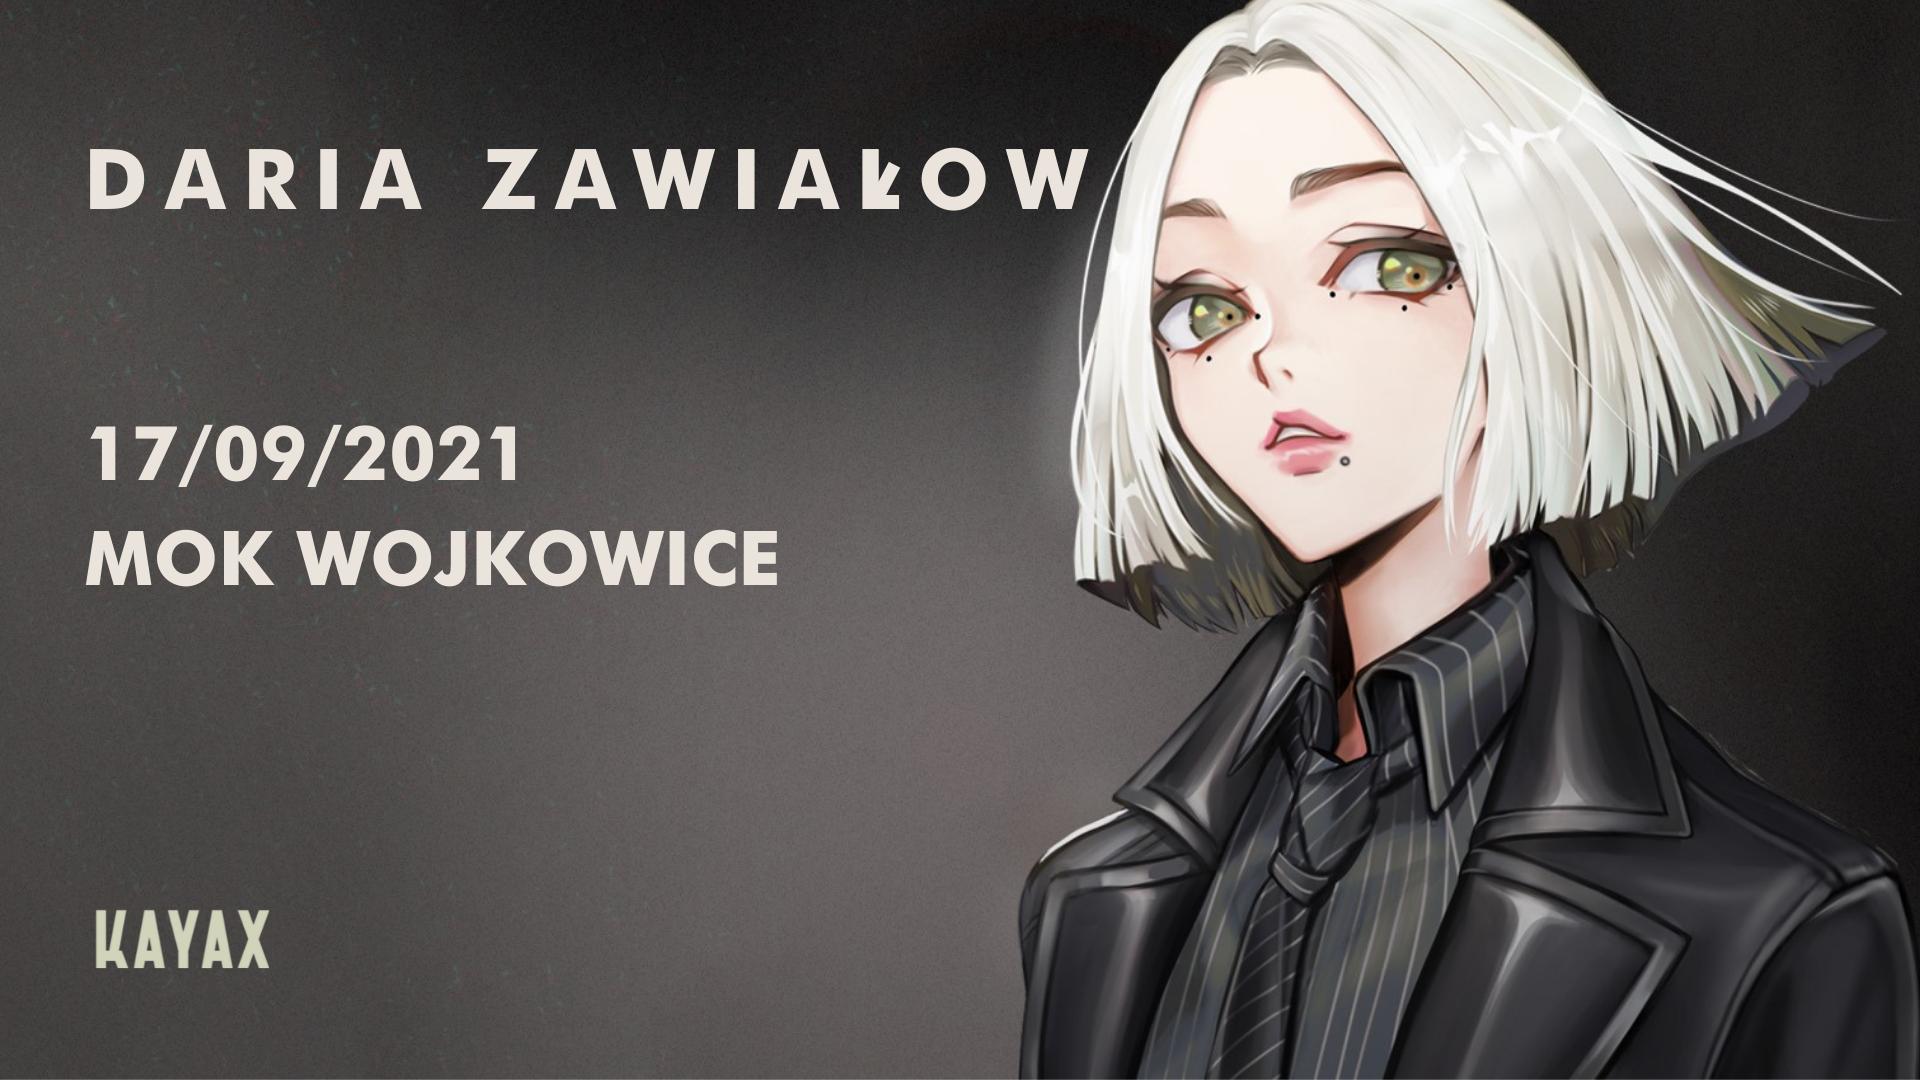 slider do koncertu Darii Zawiałow, 17.09.2021 MOK Wojkowice